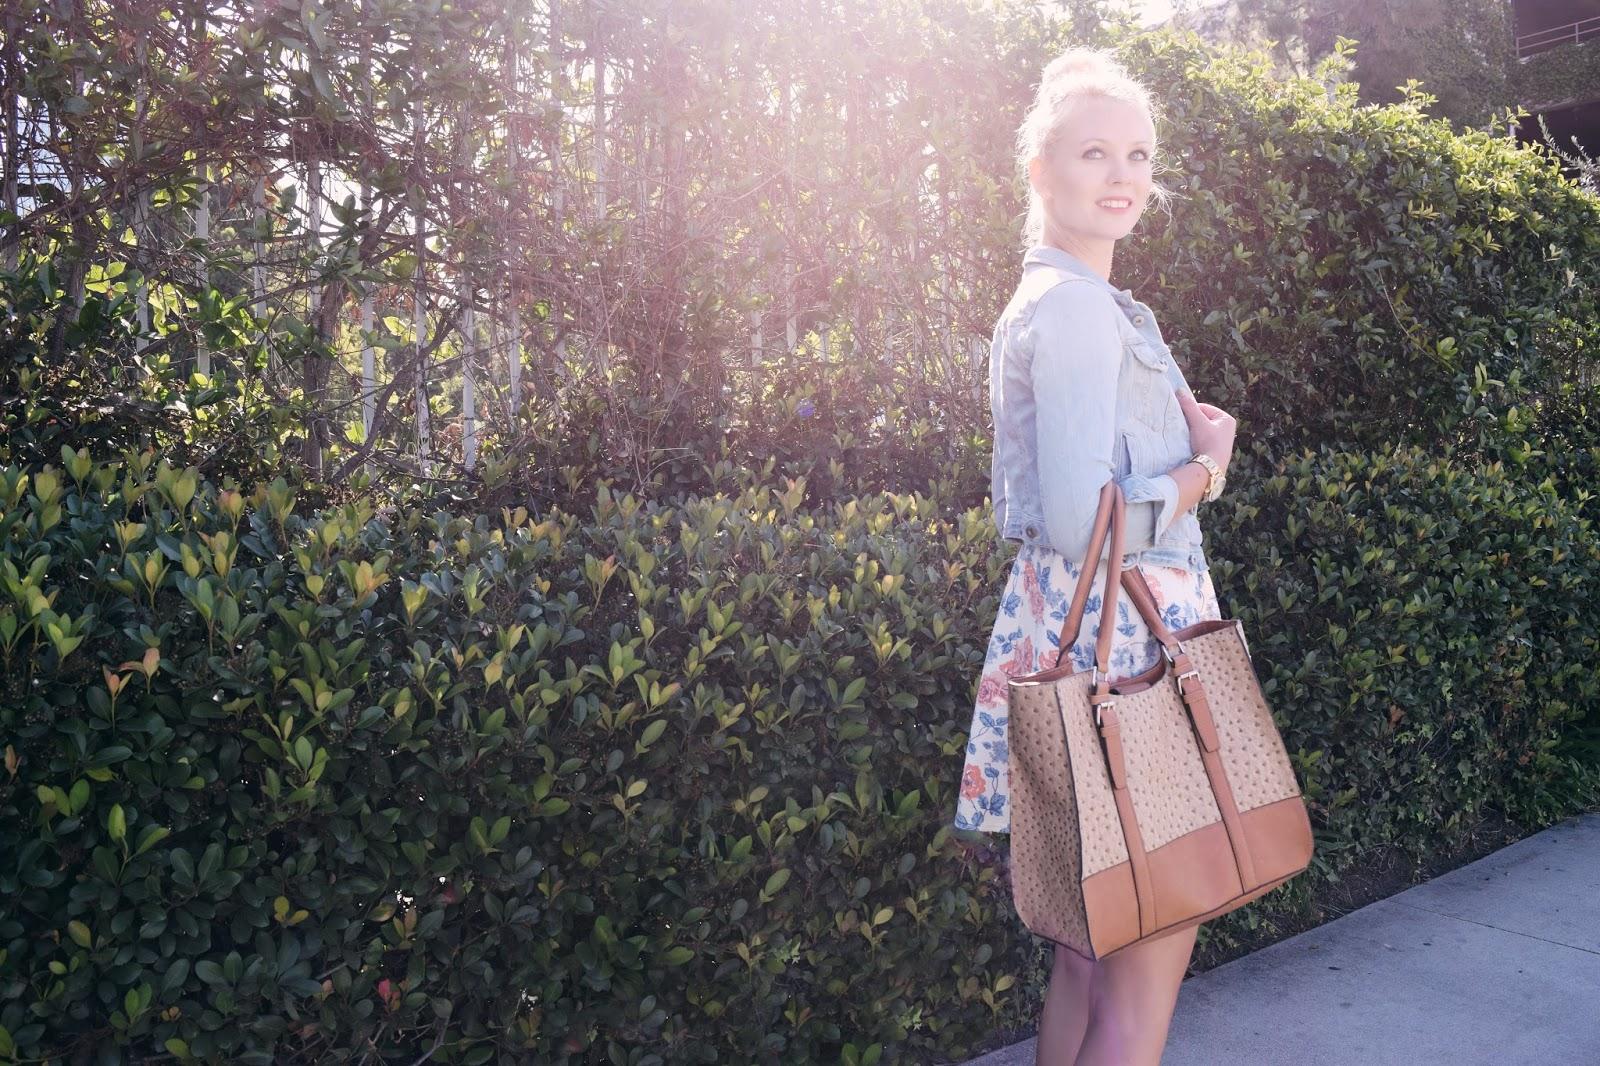 summer dress, floral dress, jeans jacket